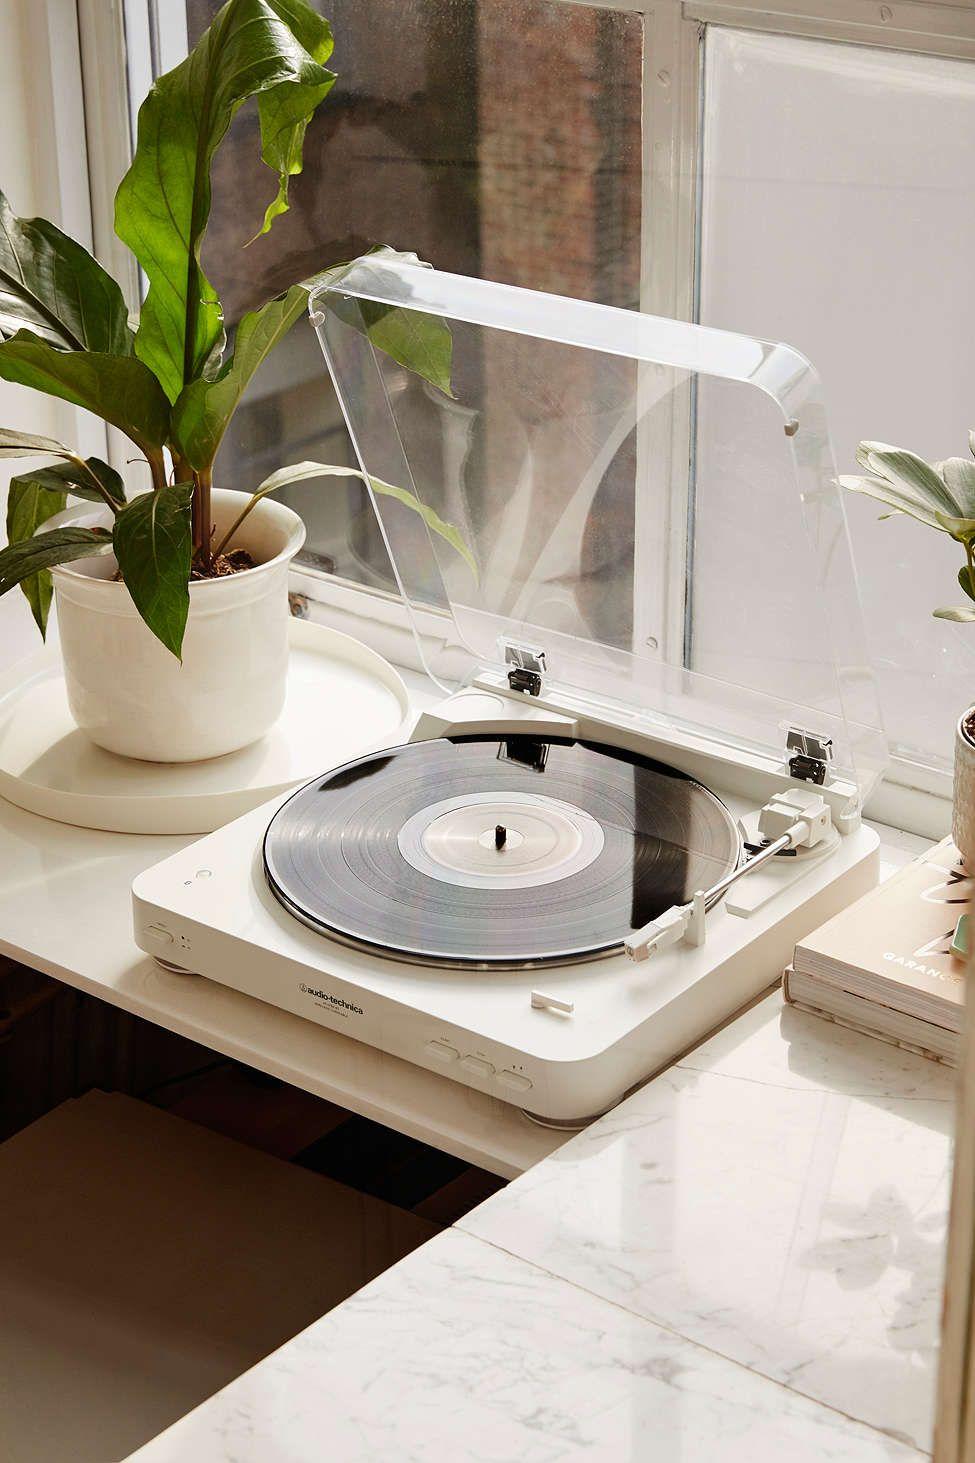 Brosse De Nettoyage Pour Disque Vinyle En Fibres De Carbone Crosley Deco Cocooning Deco Et Decoration Interieure Chambre